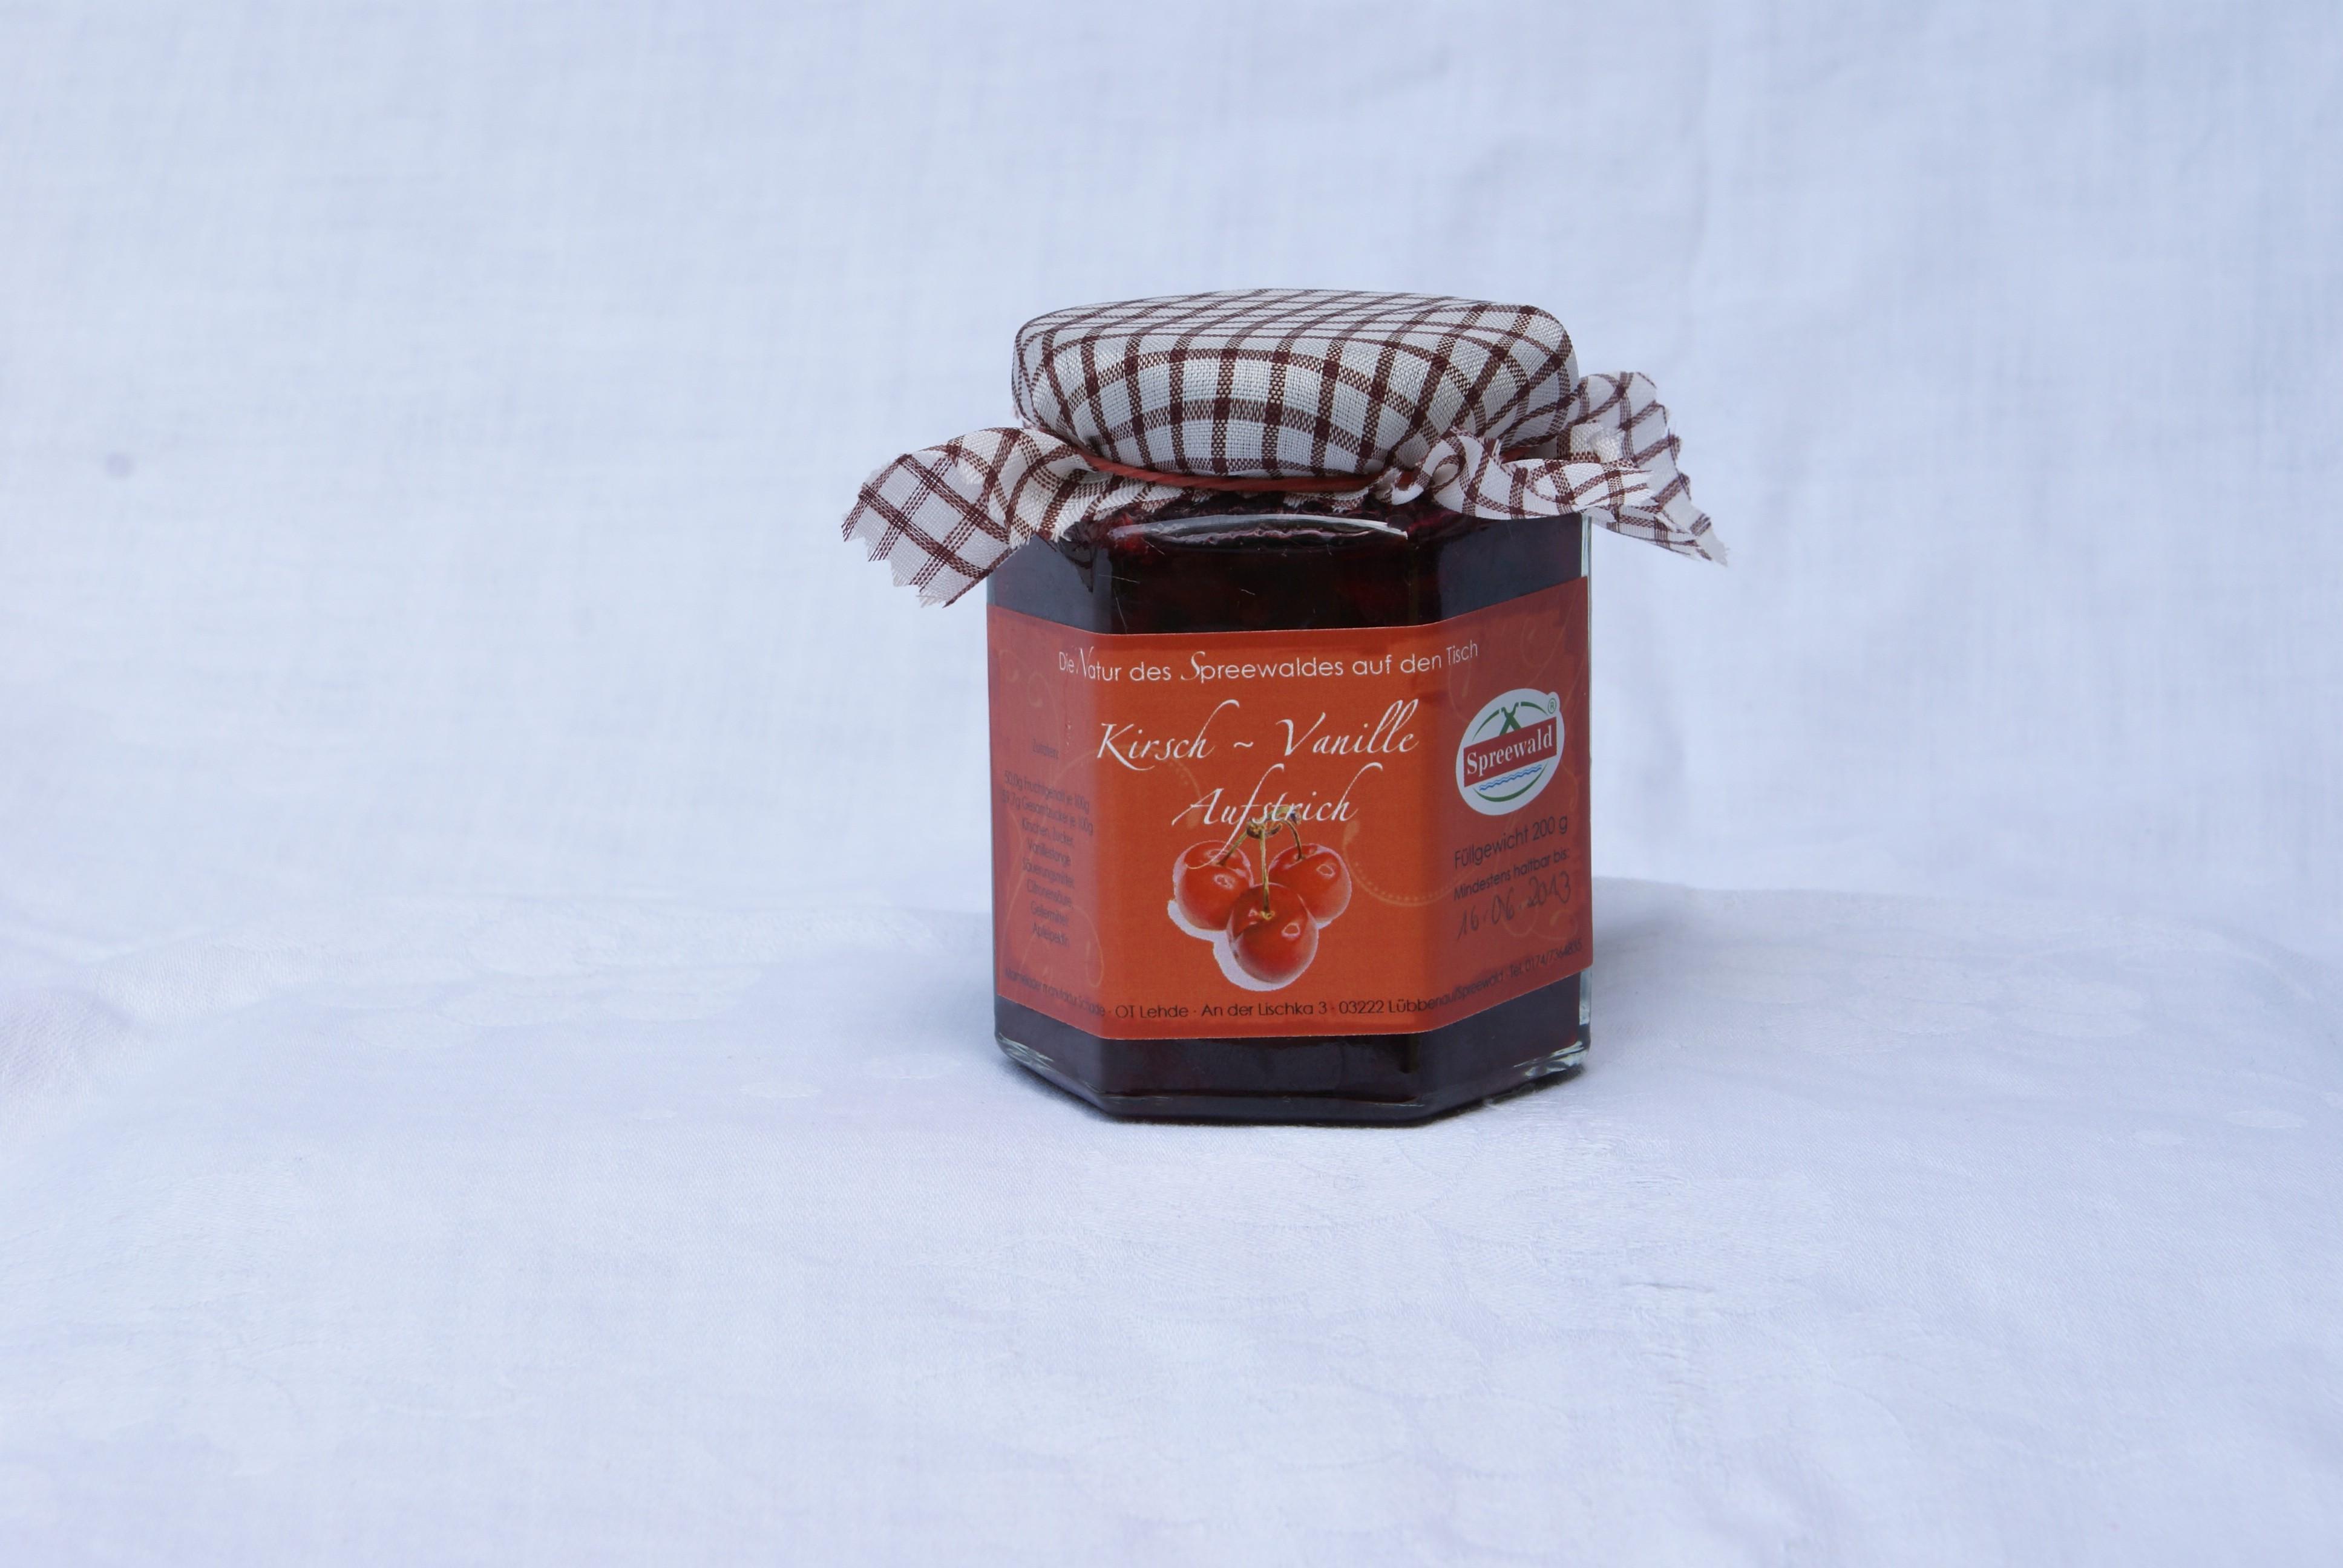 Kirsch-Vanille-Aufstrich